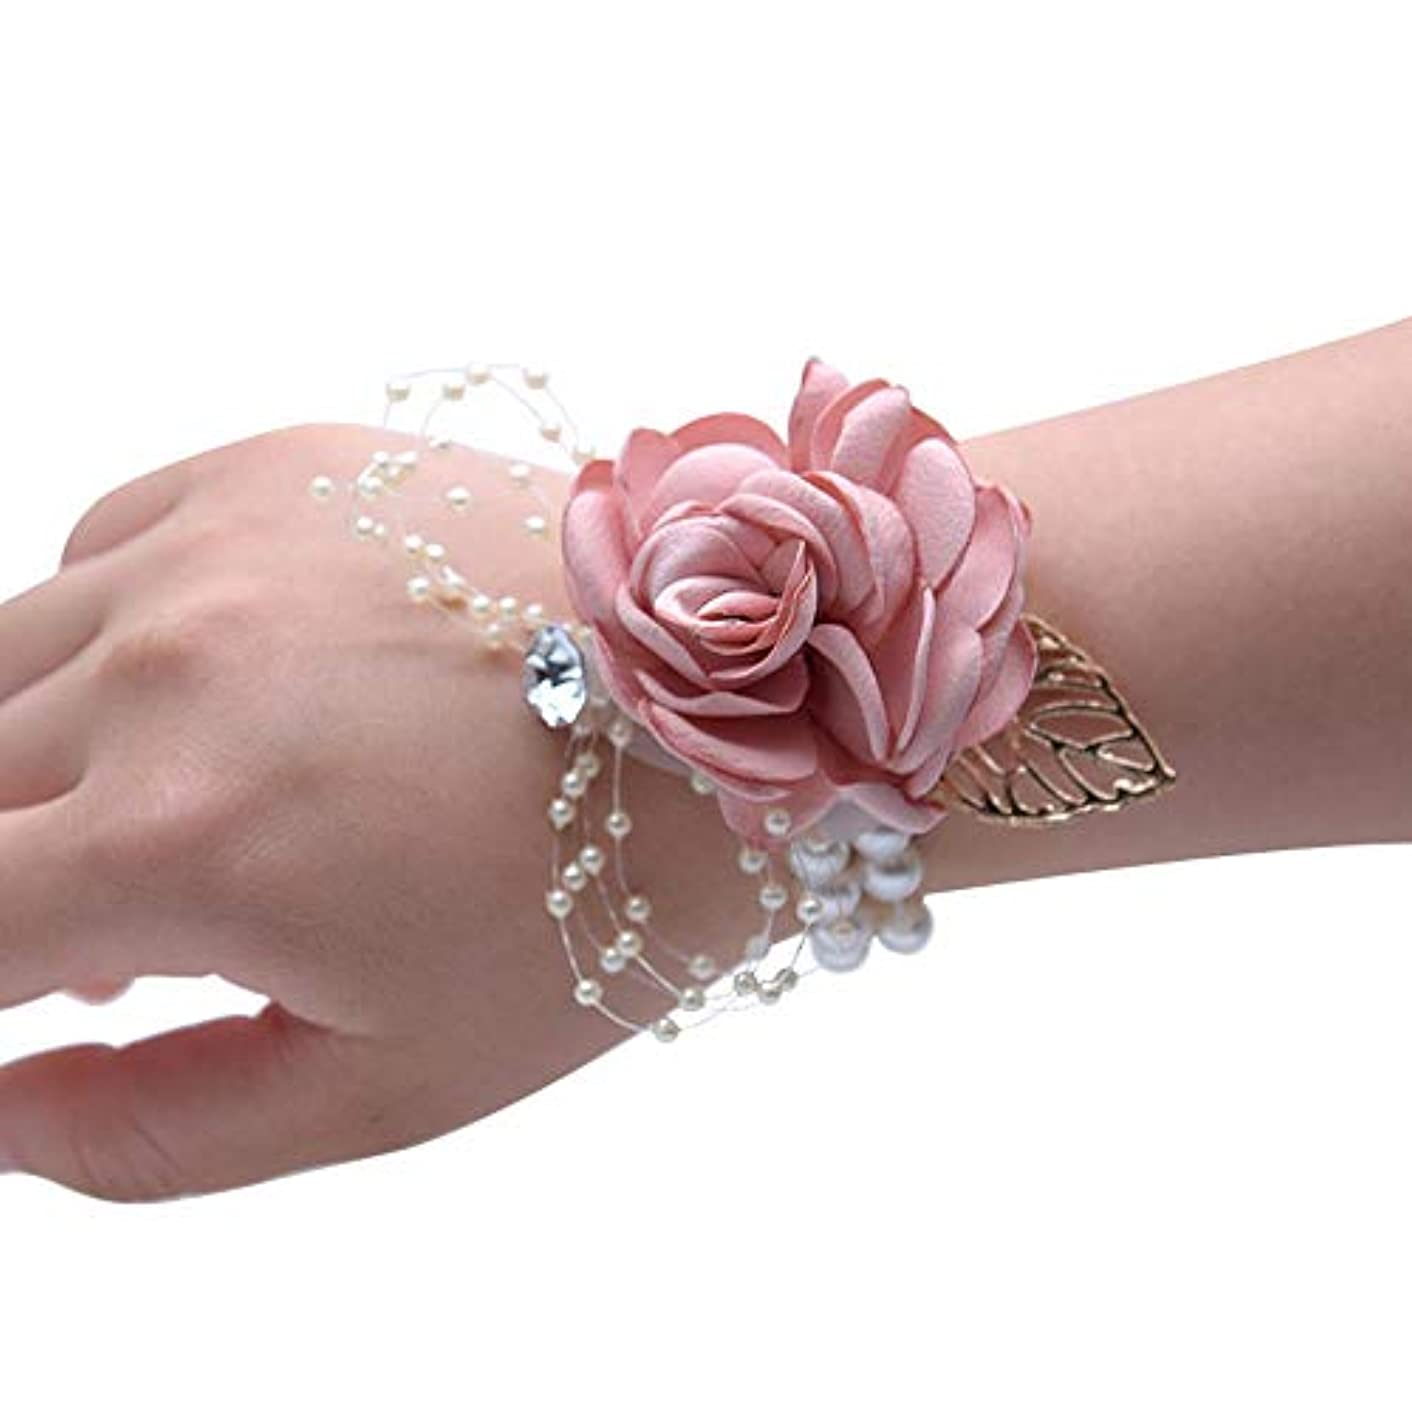 モナリザサイレントマントMerssavo 手首の花 - 女の子チャーム手首コサージュブレスレット花嫁介添人姉妹の手の花のどの真珠の結婚式、ピンク